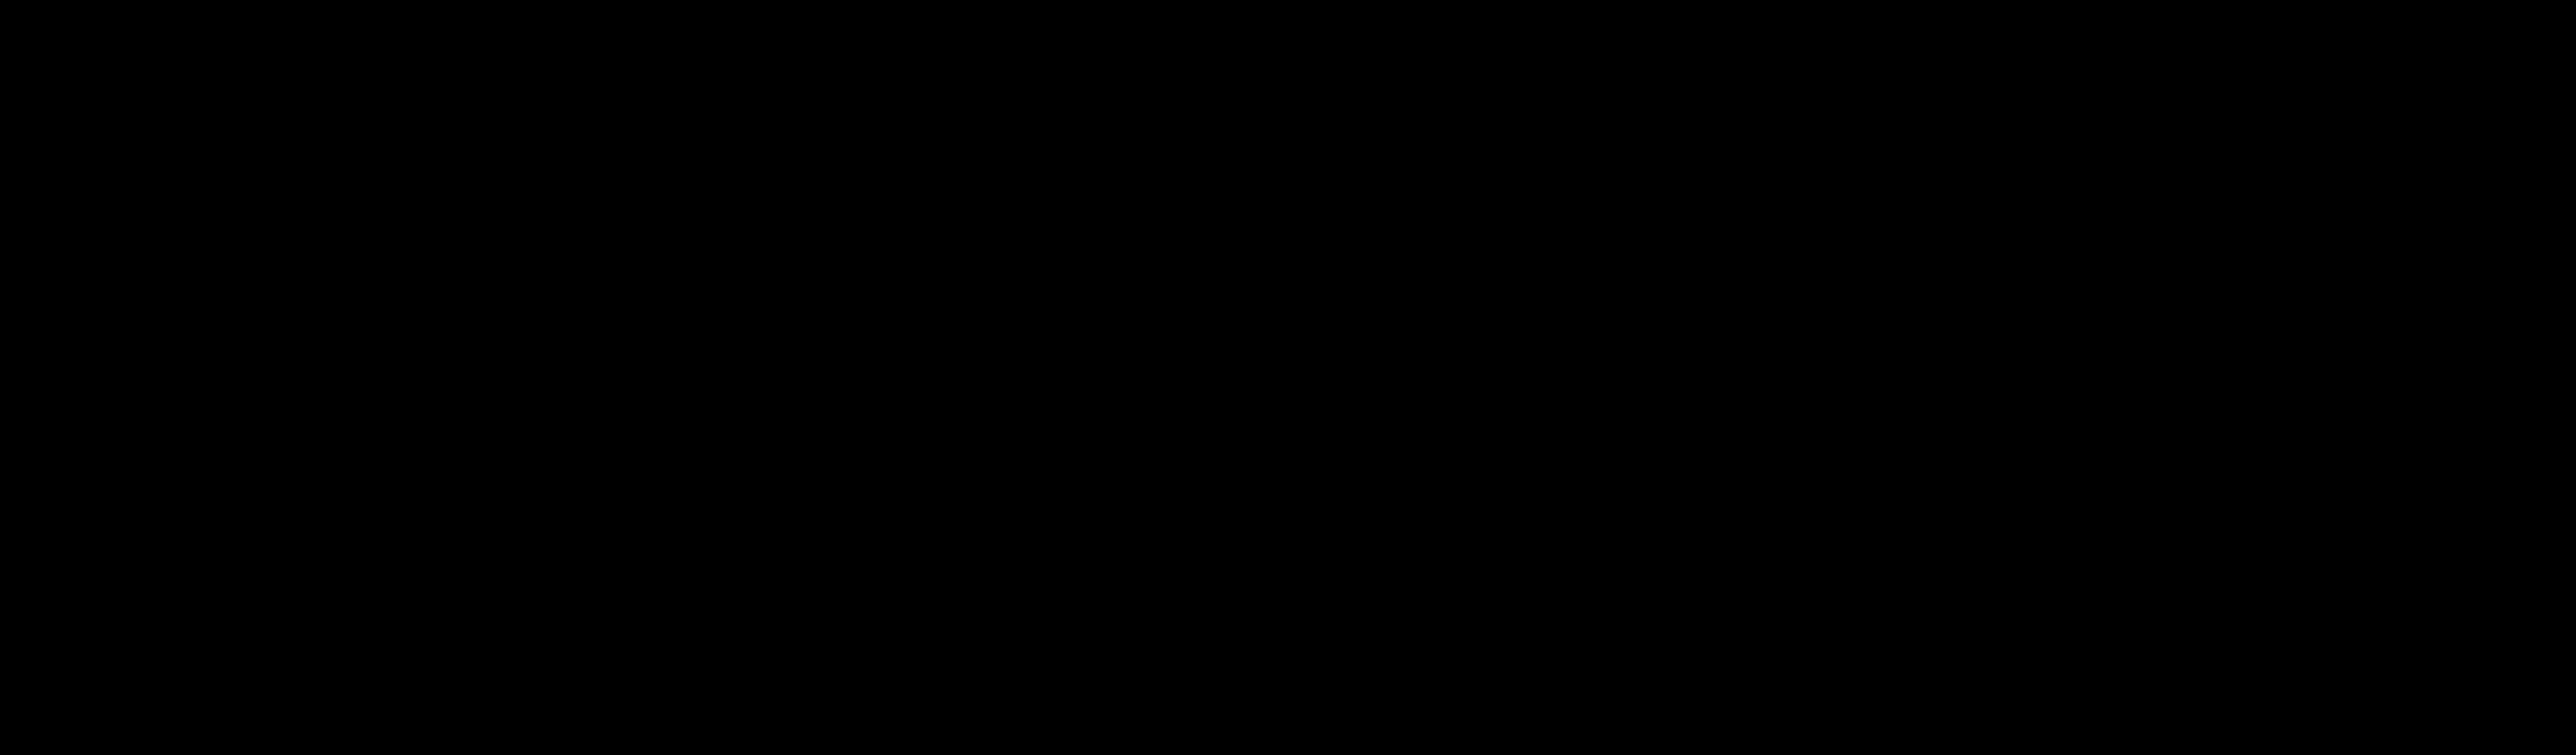 Festival pod Pohorjem